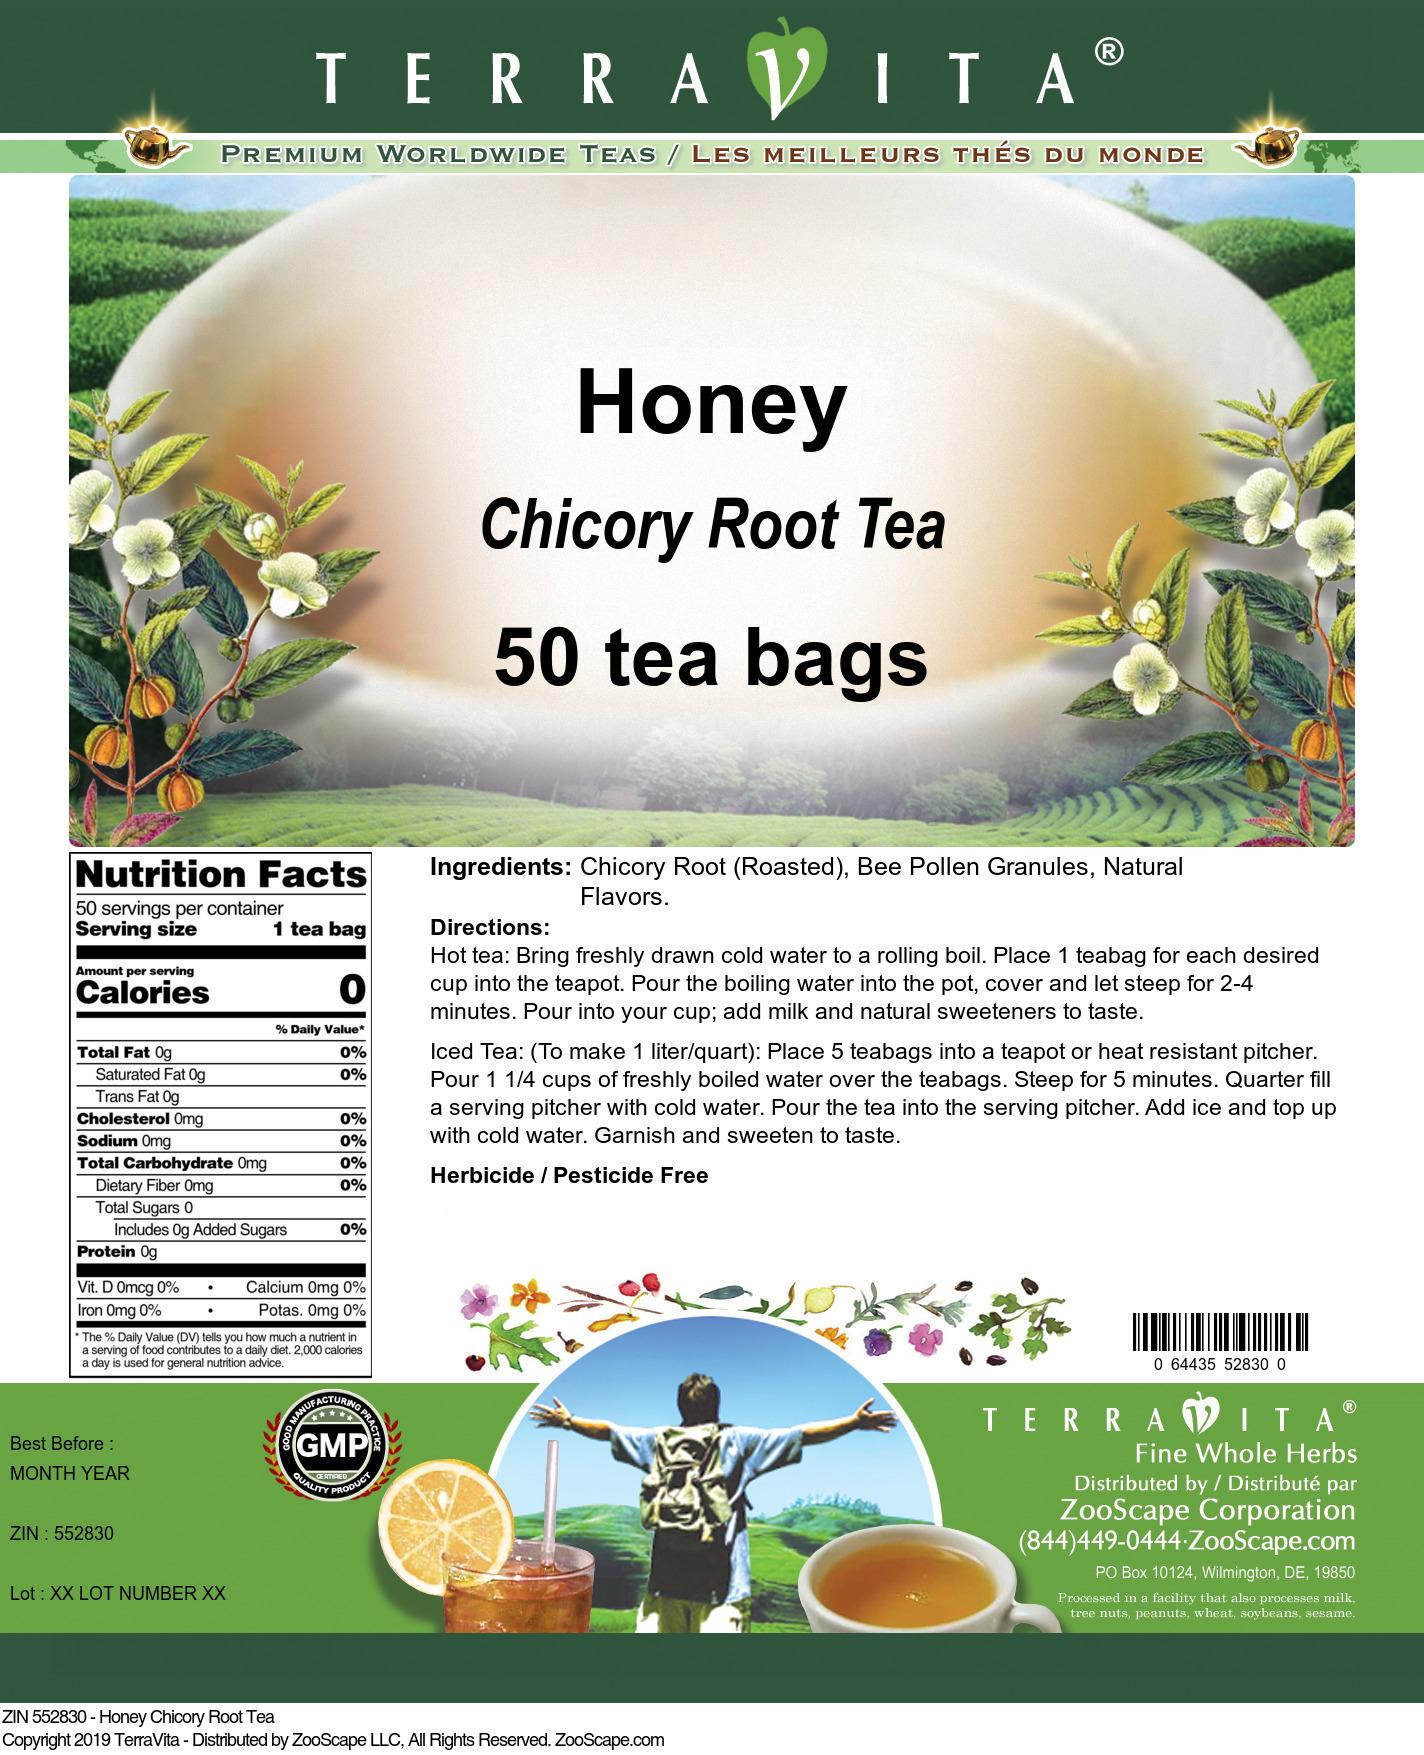 Honey Chicory Root Tea